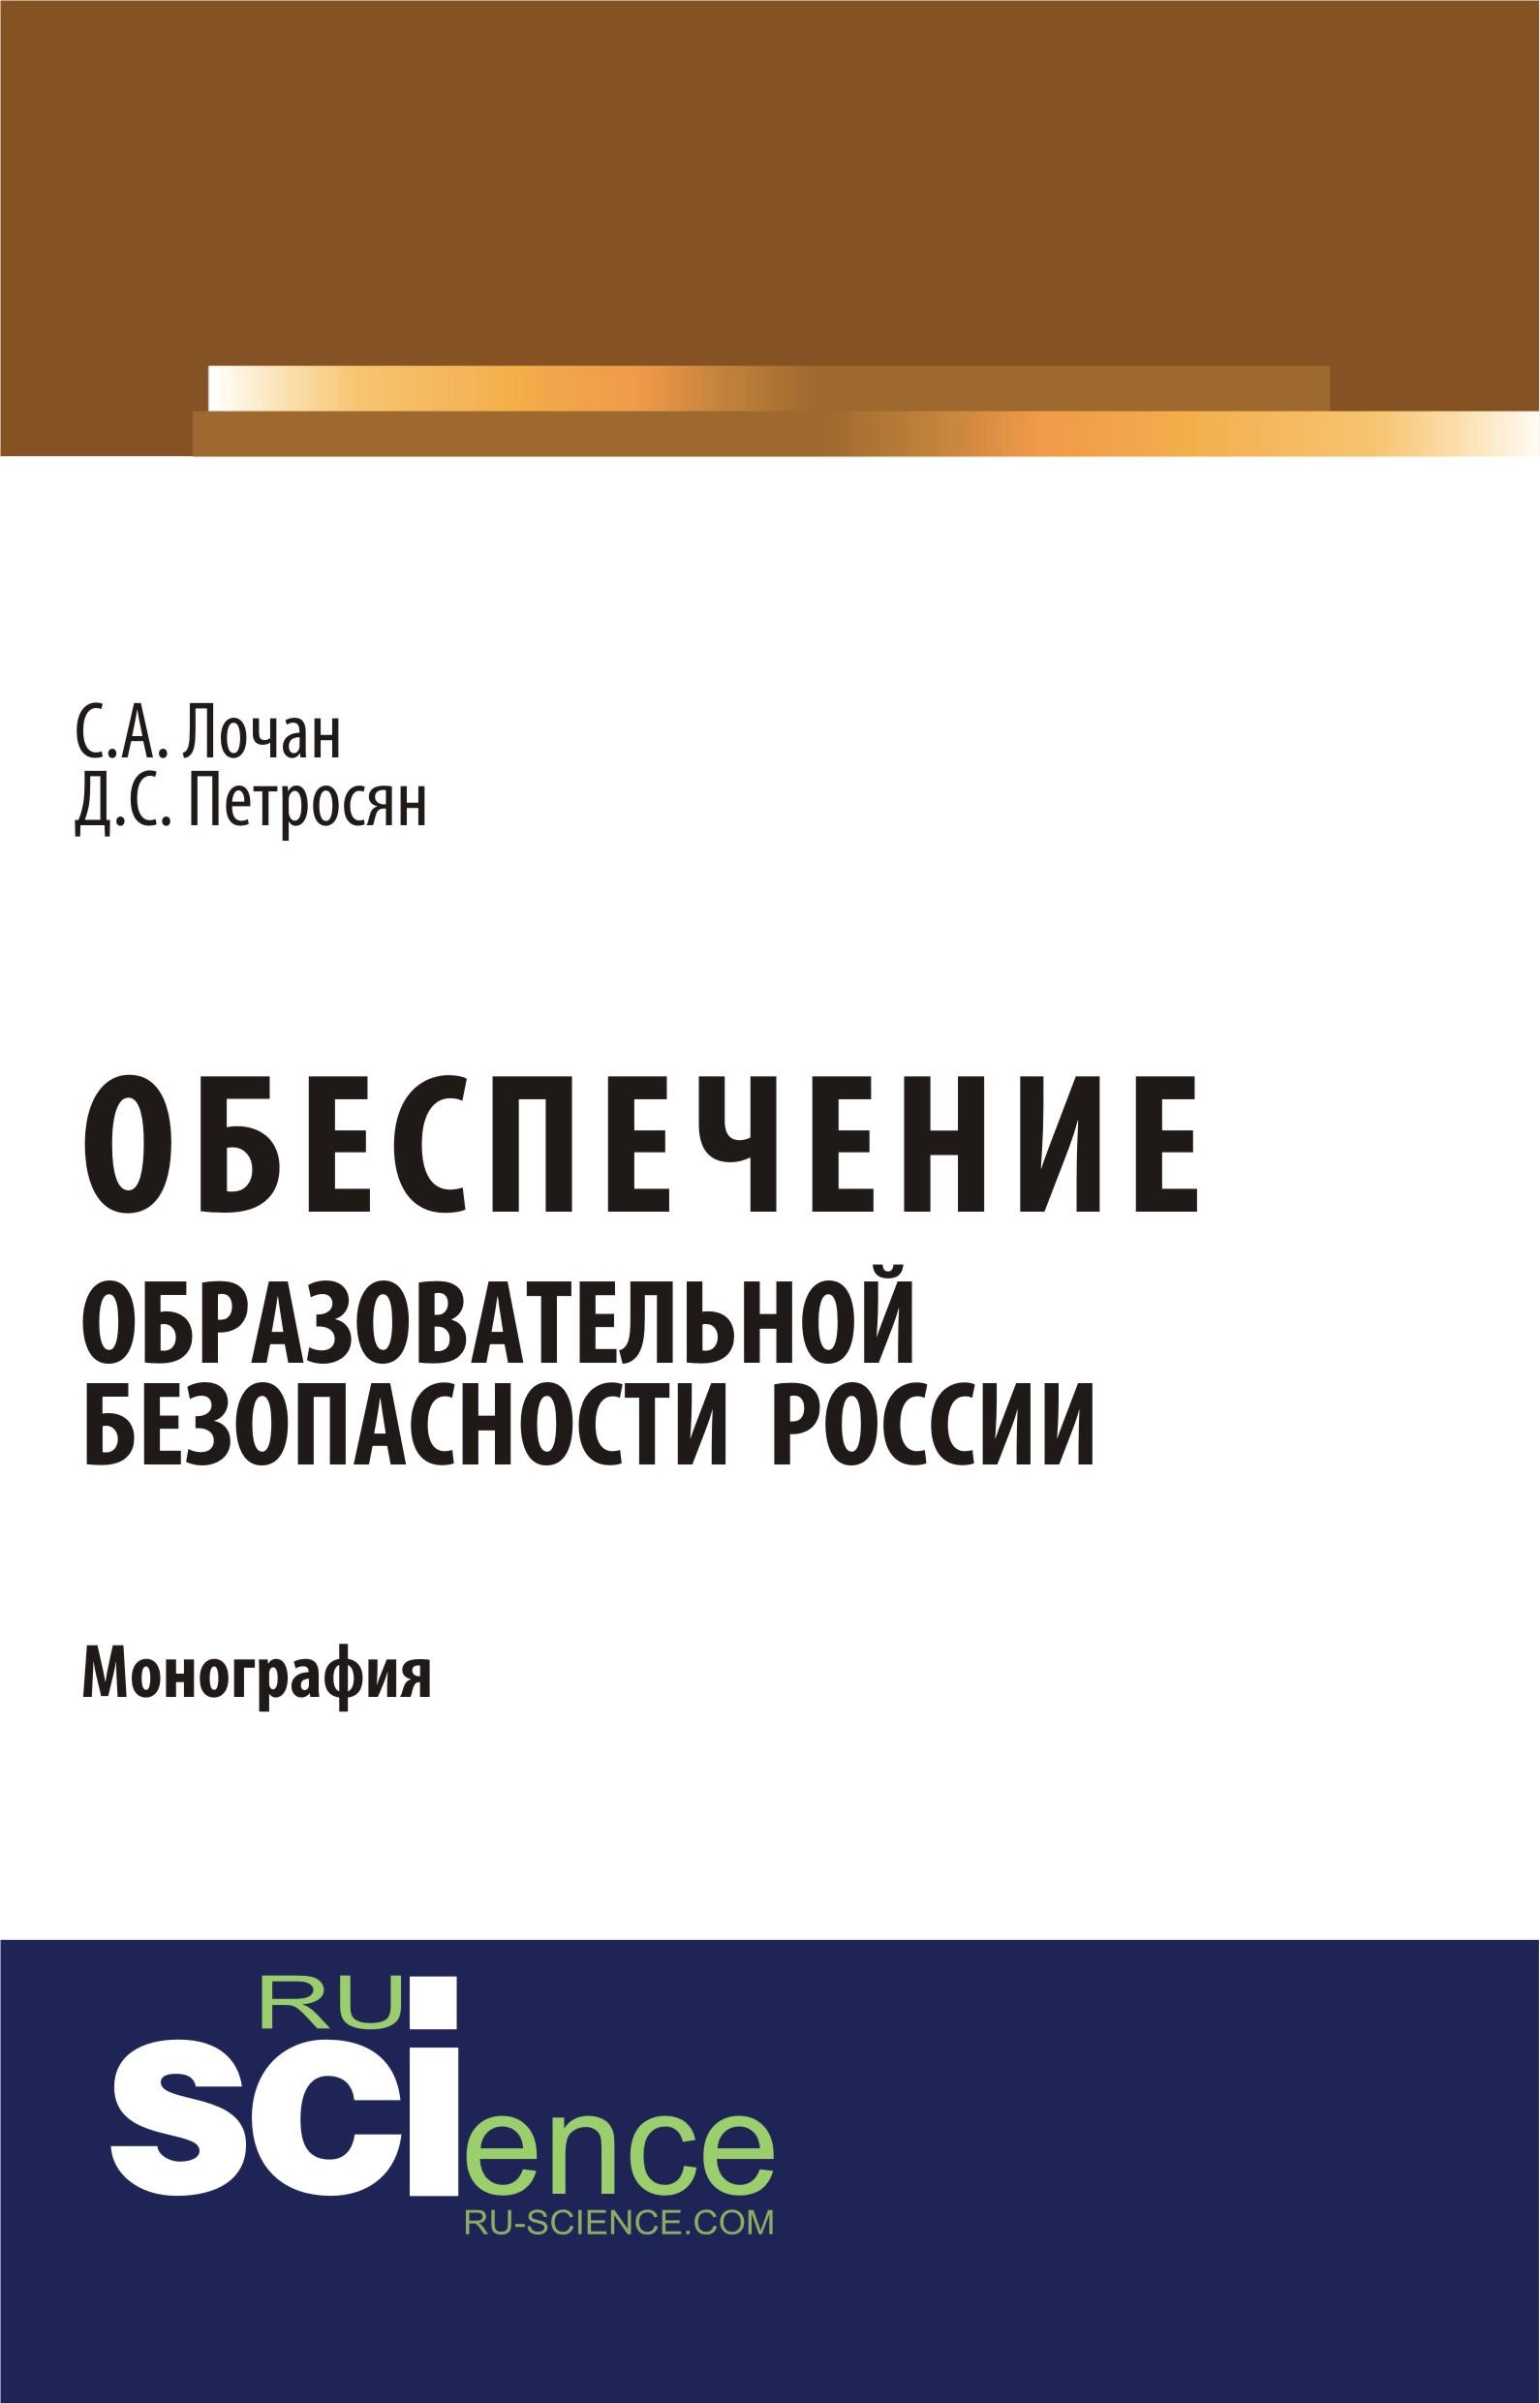 Обеспечение образовательной безопасности России